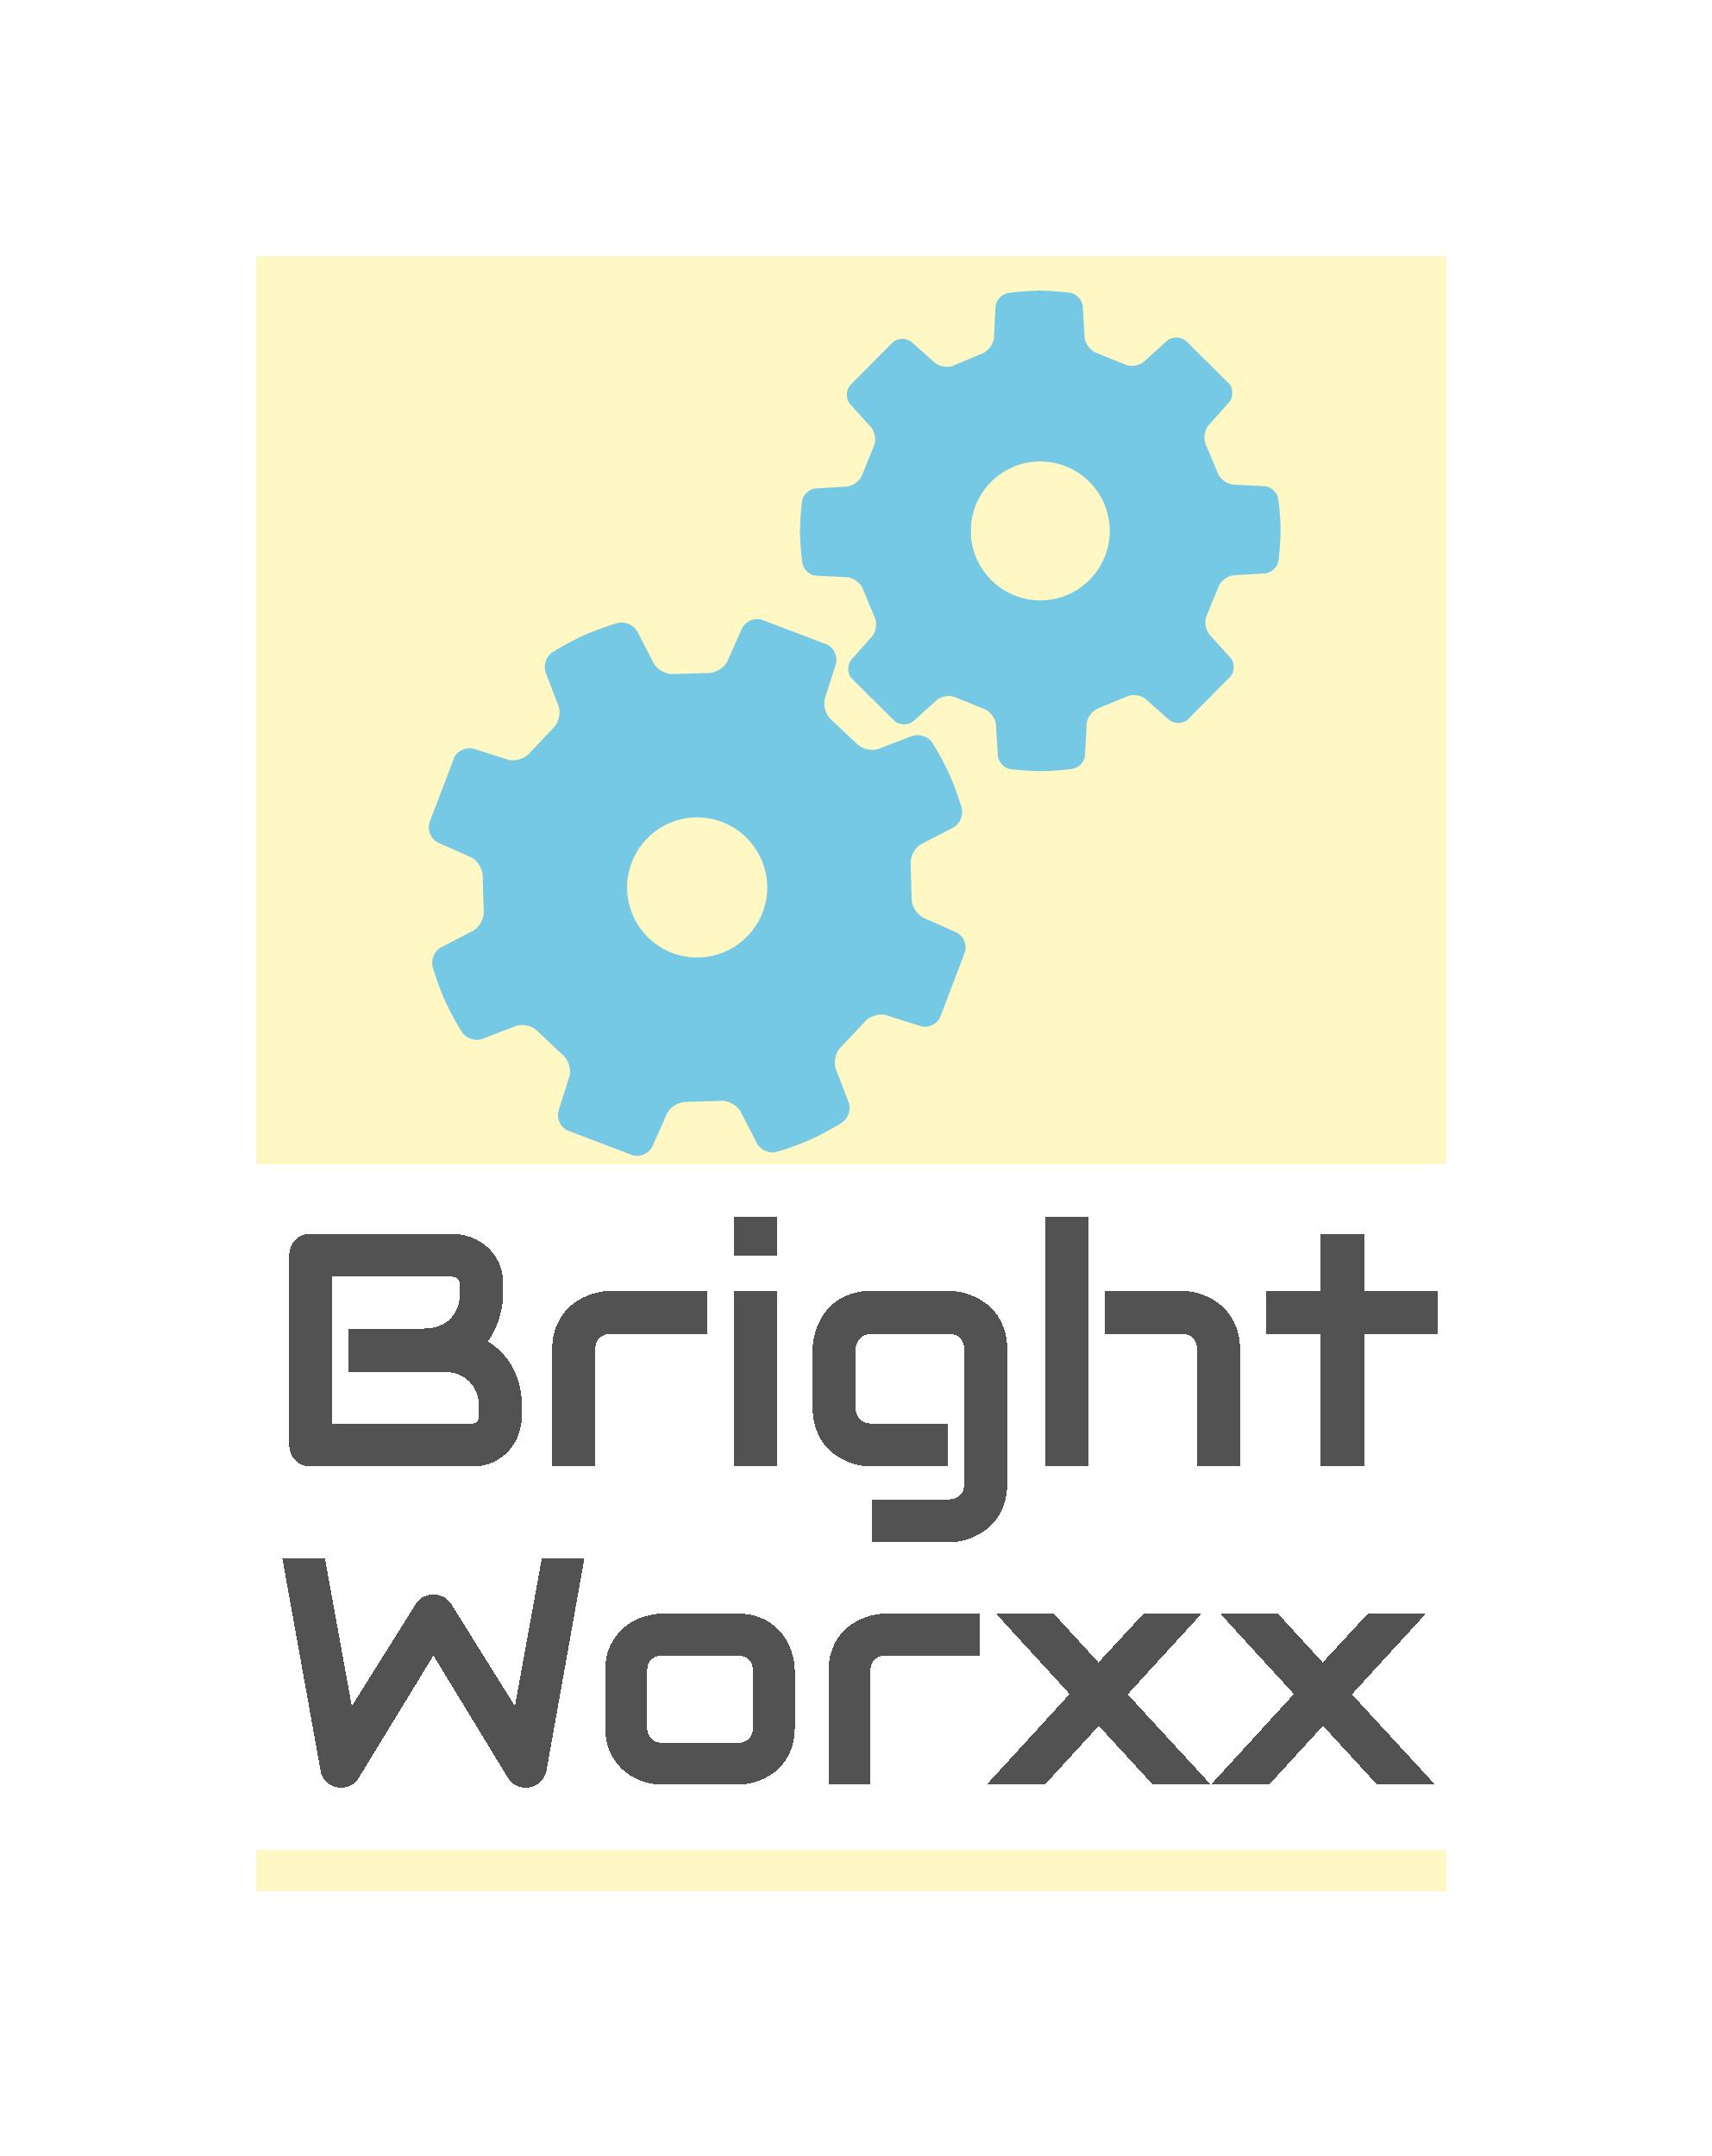 BrightWorxx